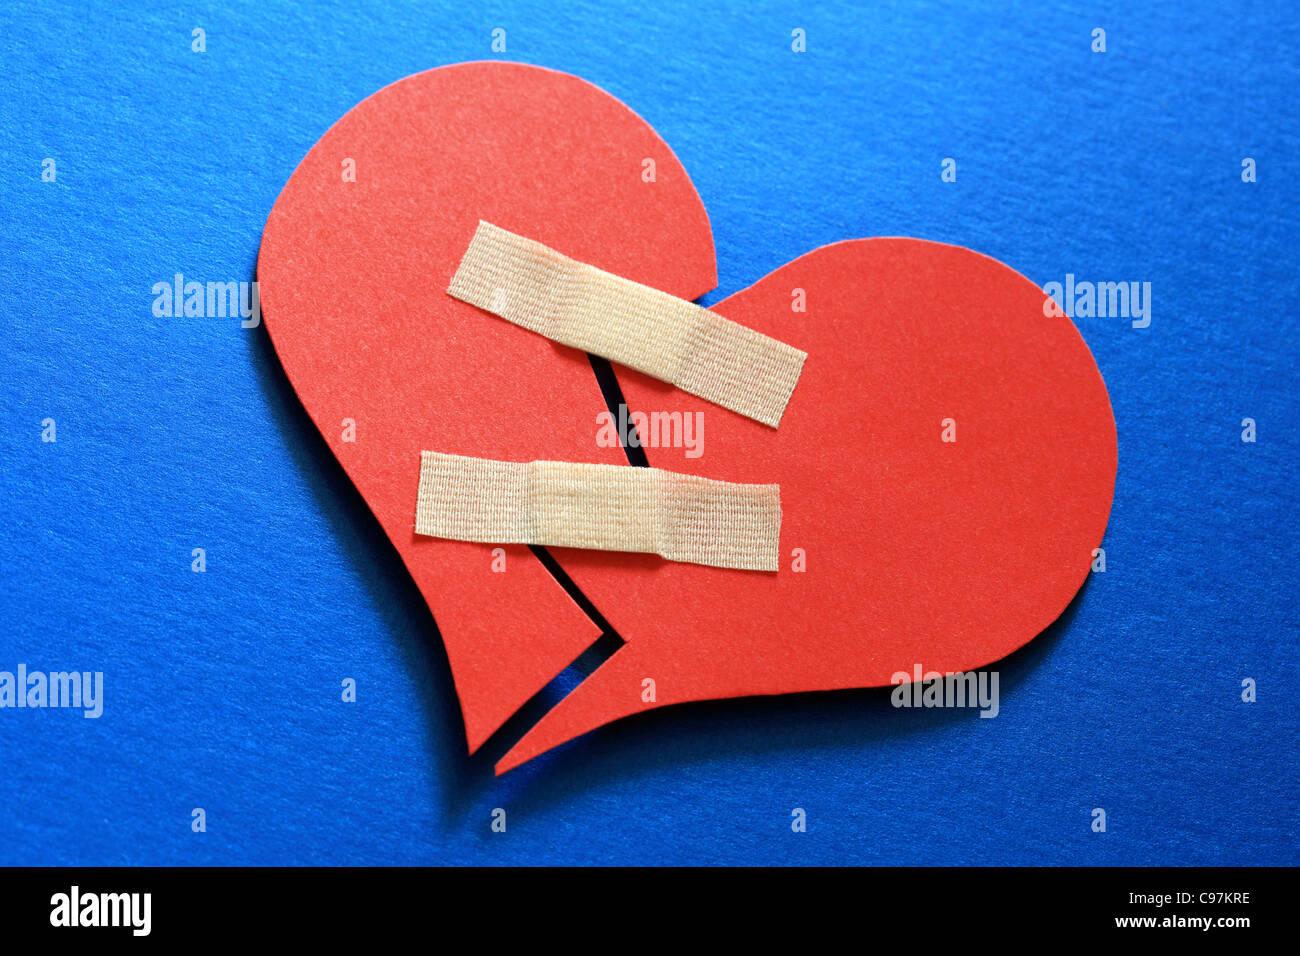 Réparer un cœur brisé Photo Stock